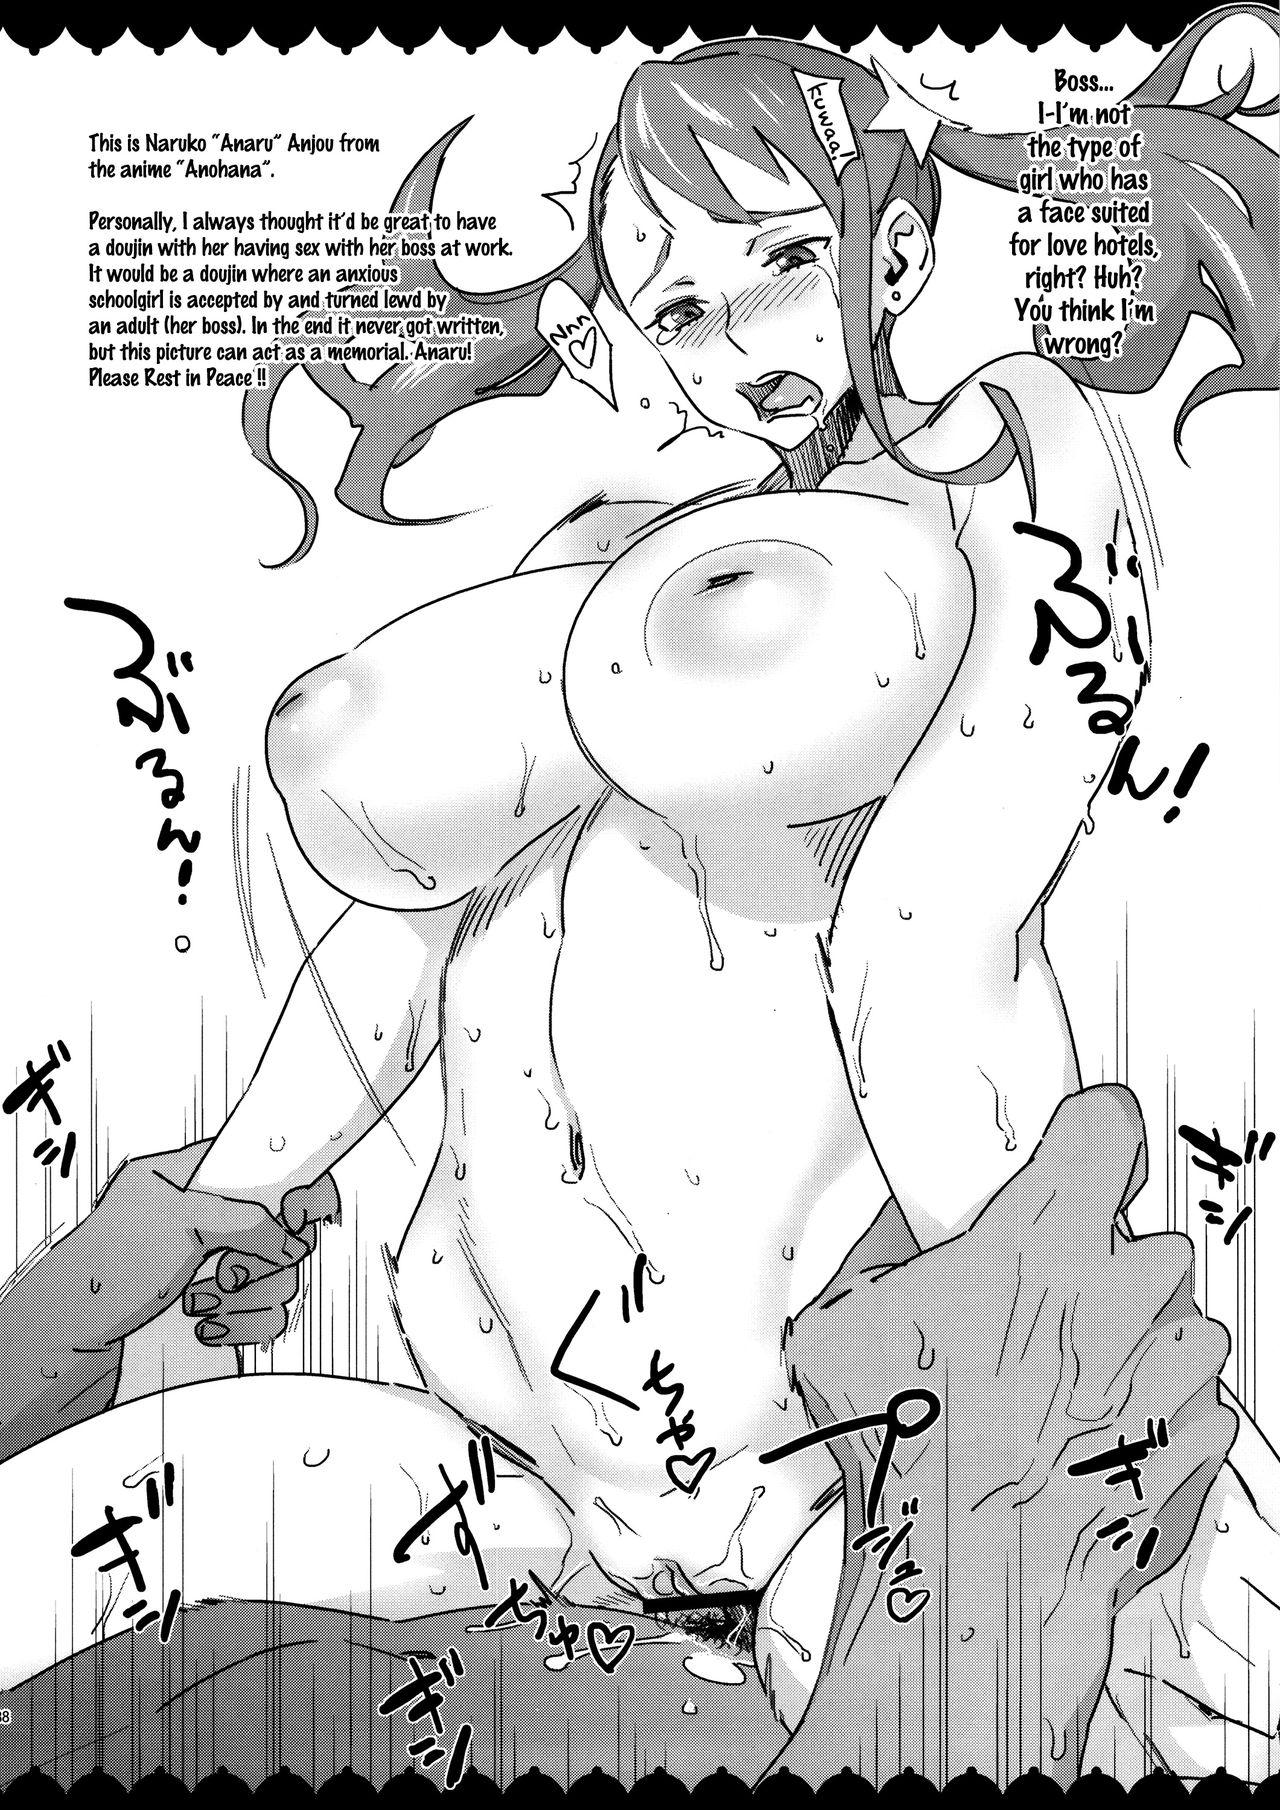 (C90) [Abradeli Kami (Bobobo)] ◯◯-san no Oppai ga Mitai Hon Soushuuhen+ | Boobs (O|O) Book Summary (Various) [English] {Doujins.com} 36